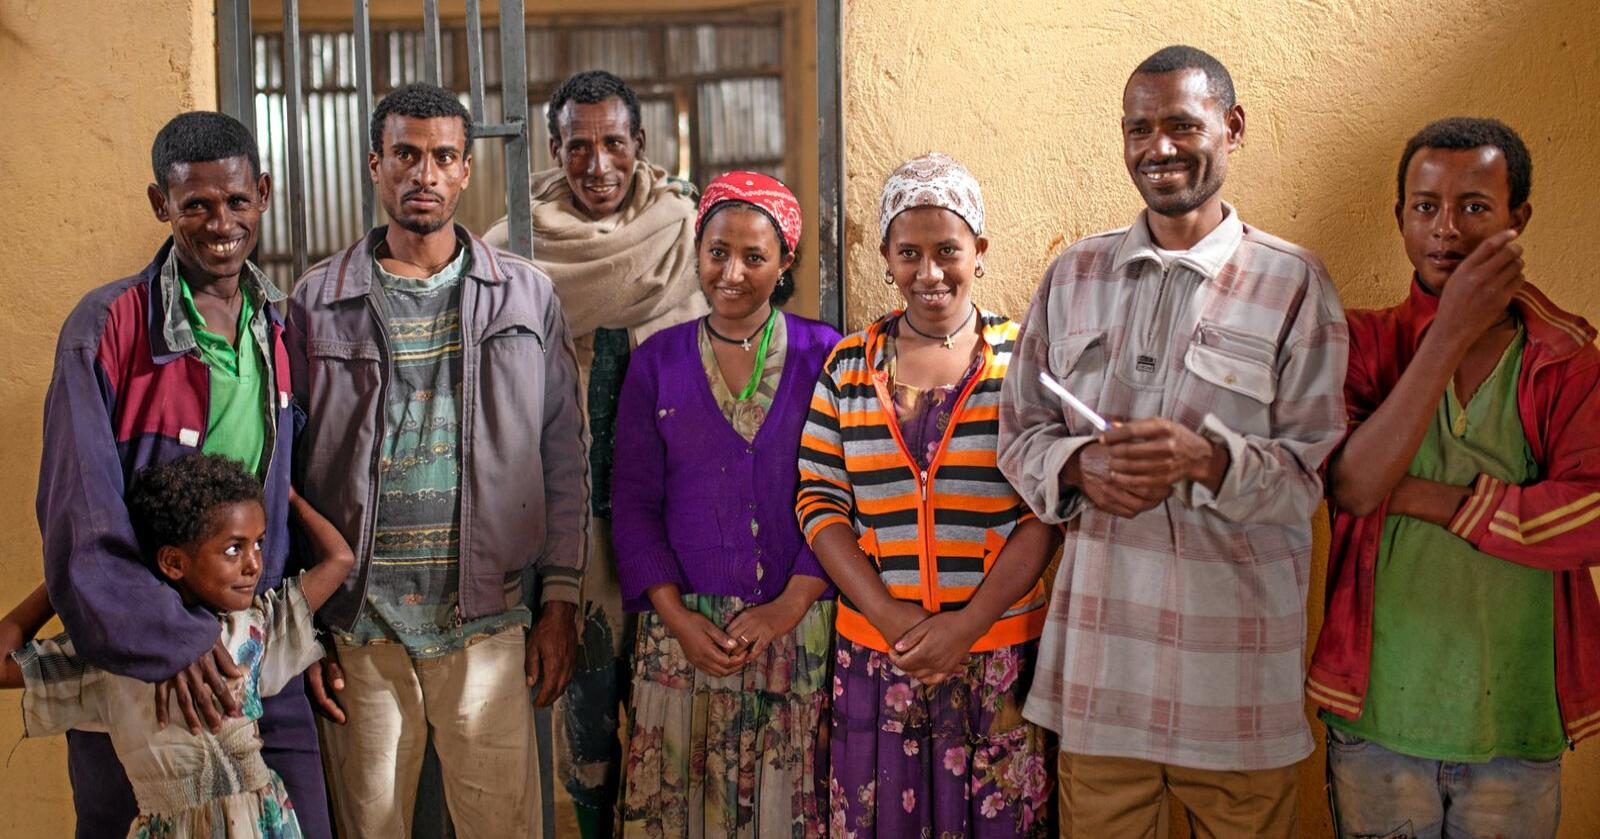 Samvirker: Gjennom sitt lokale melkekooperativ står bøndene i landsbyen Adi Awso i Etiopia sterkere. Foto: Julie Lunde Lillesæter / Differ Media